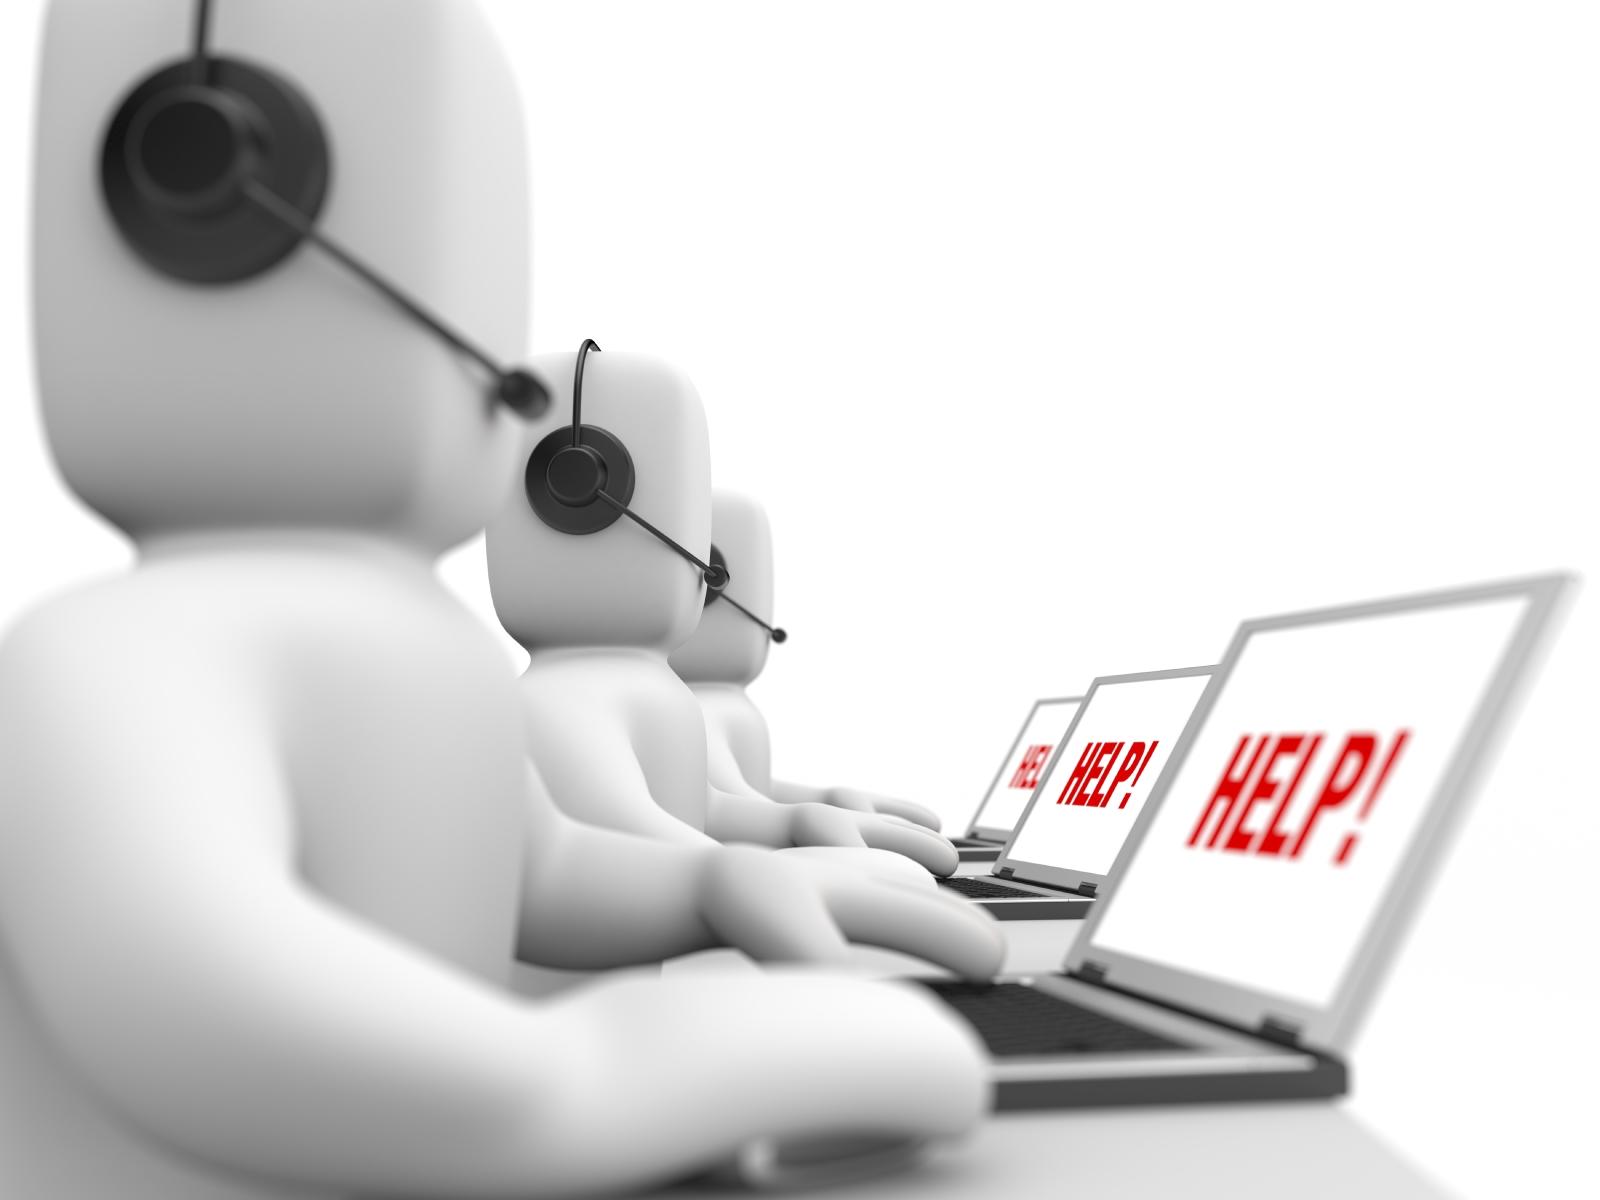 ✅ Dépannage informatique Domicile Assistance Réparation PC